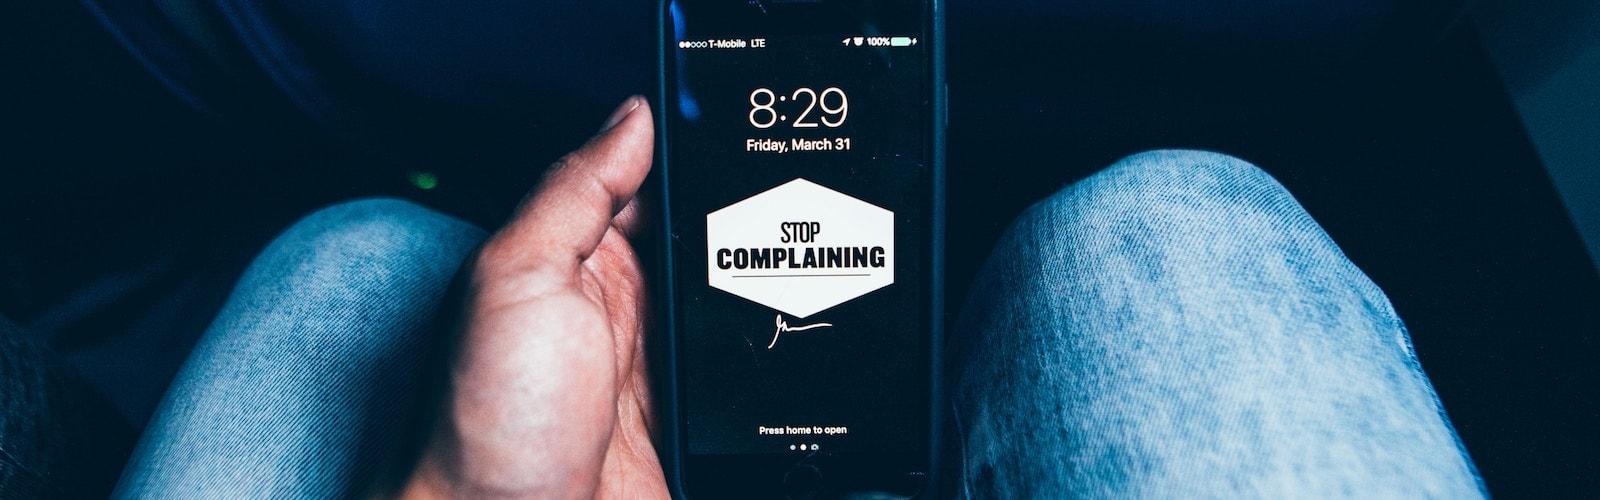 ¿Vives o te quejas?